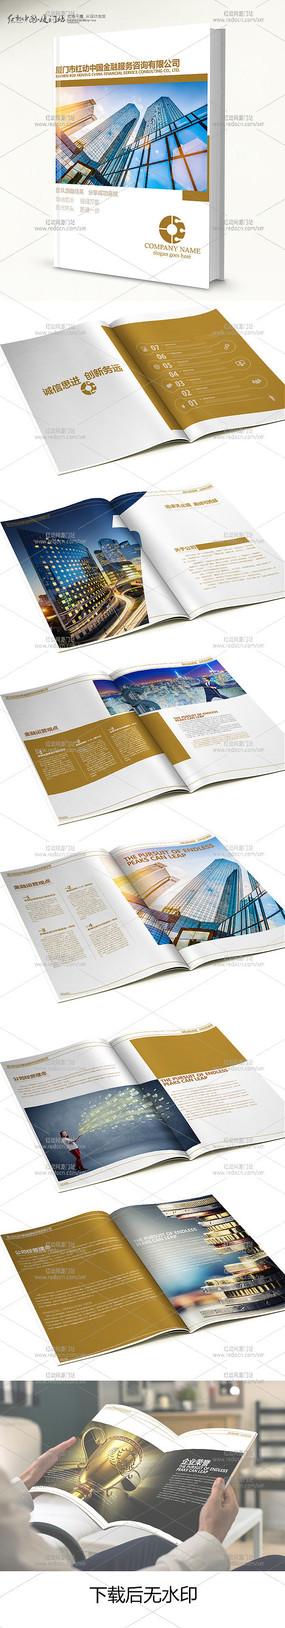 高端金融画册 PSD